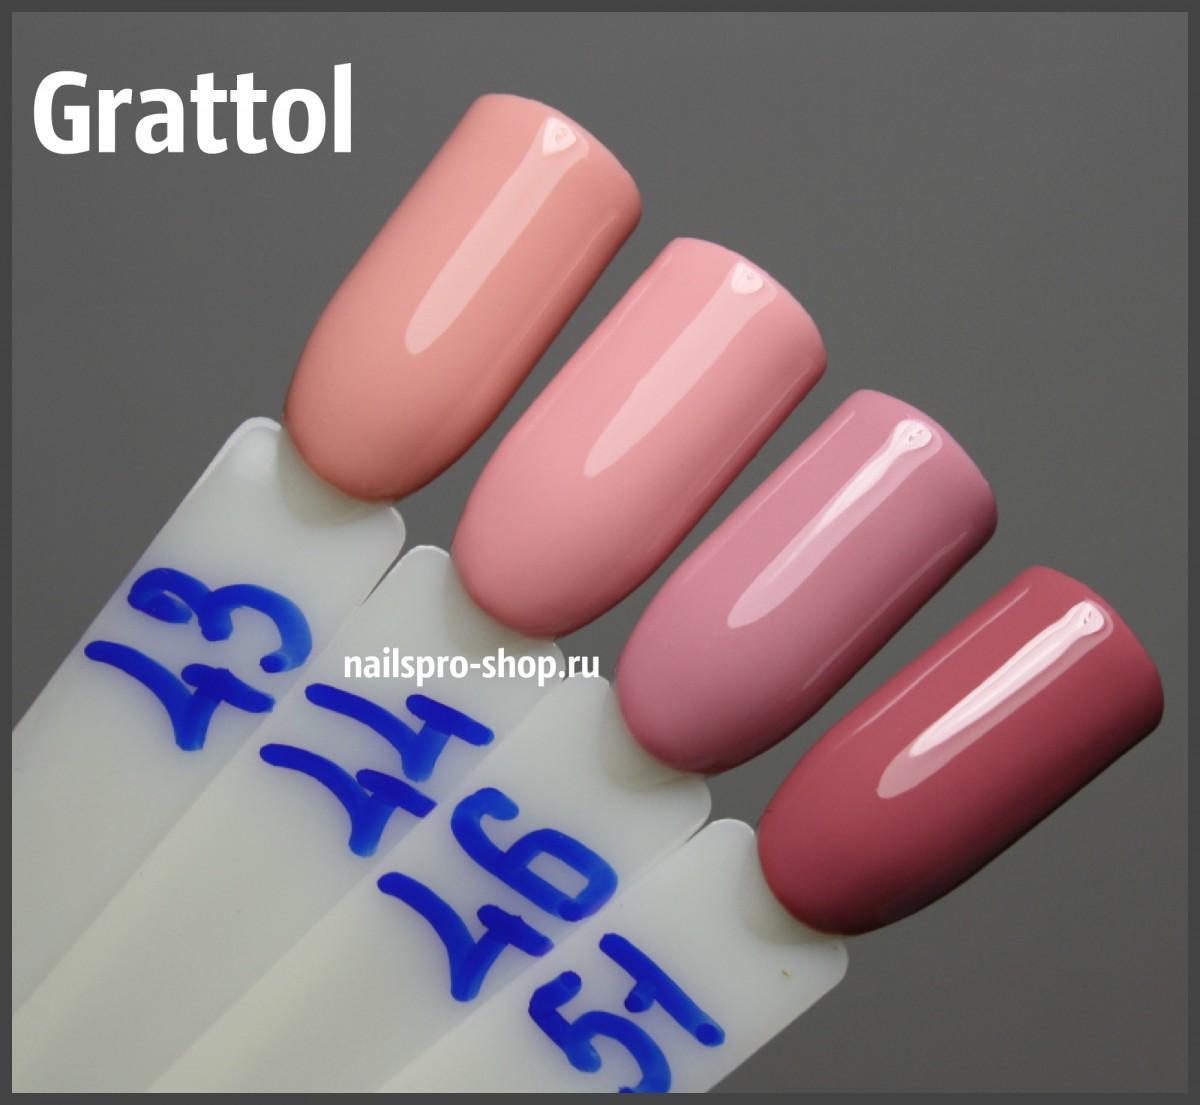 Grattol Color Gel Polish 046 Antique Rose